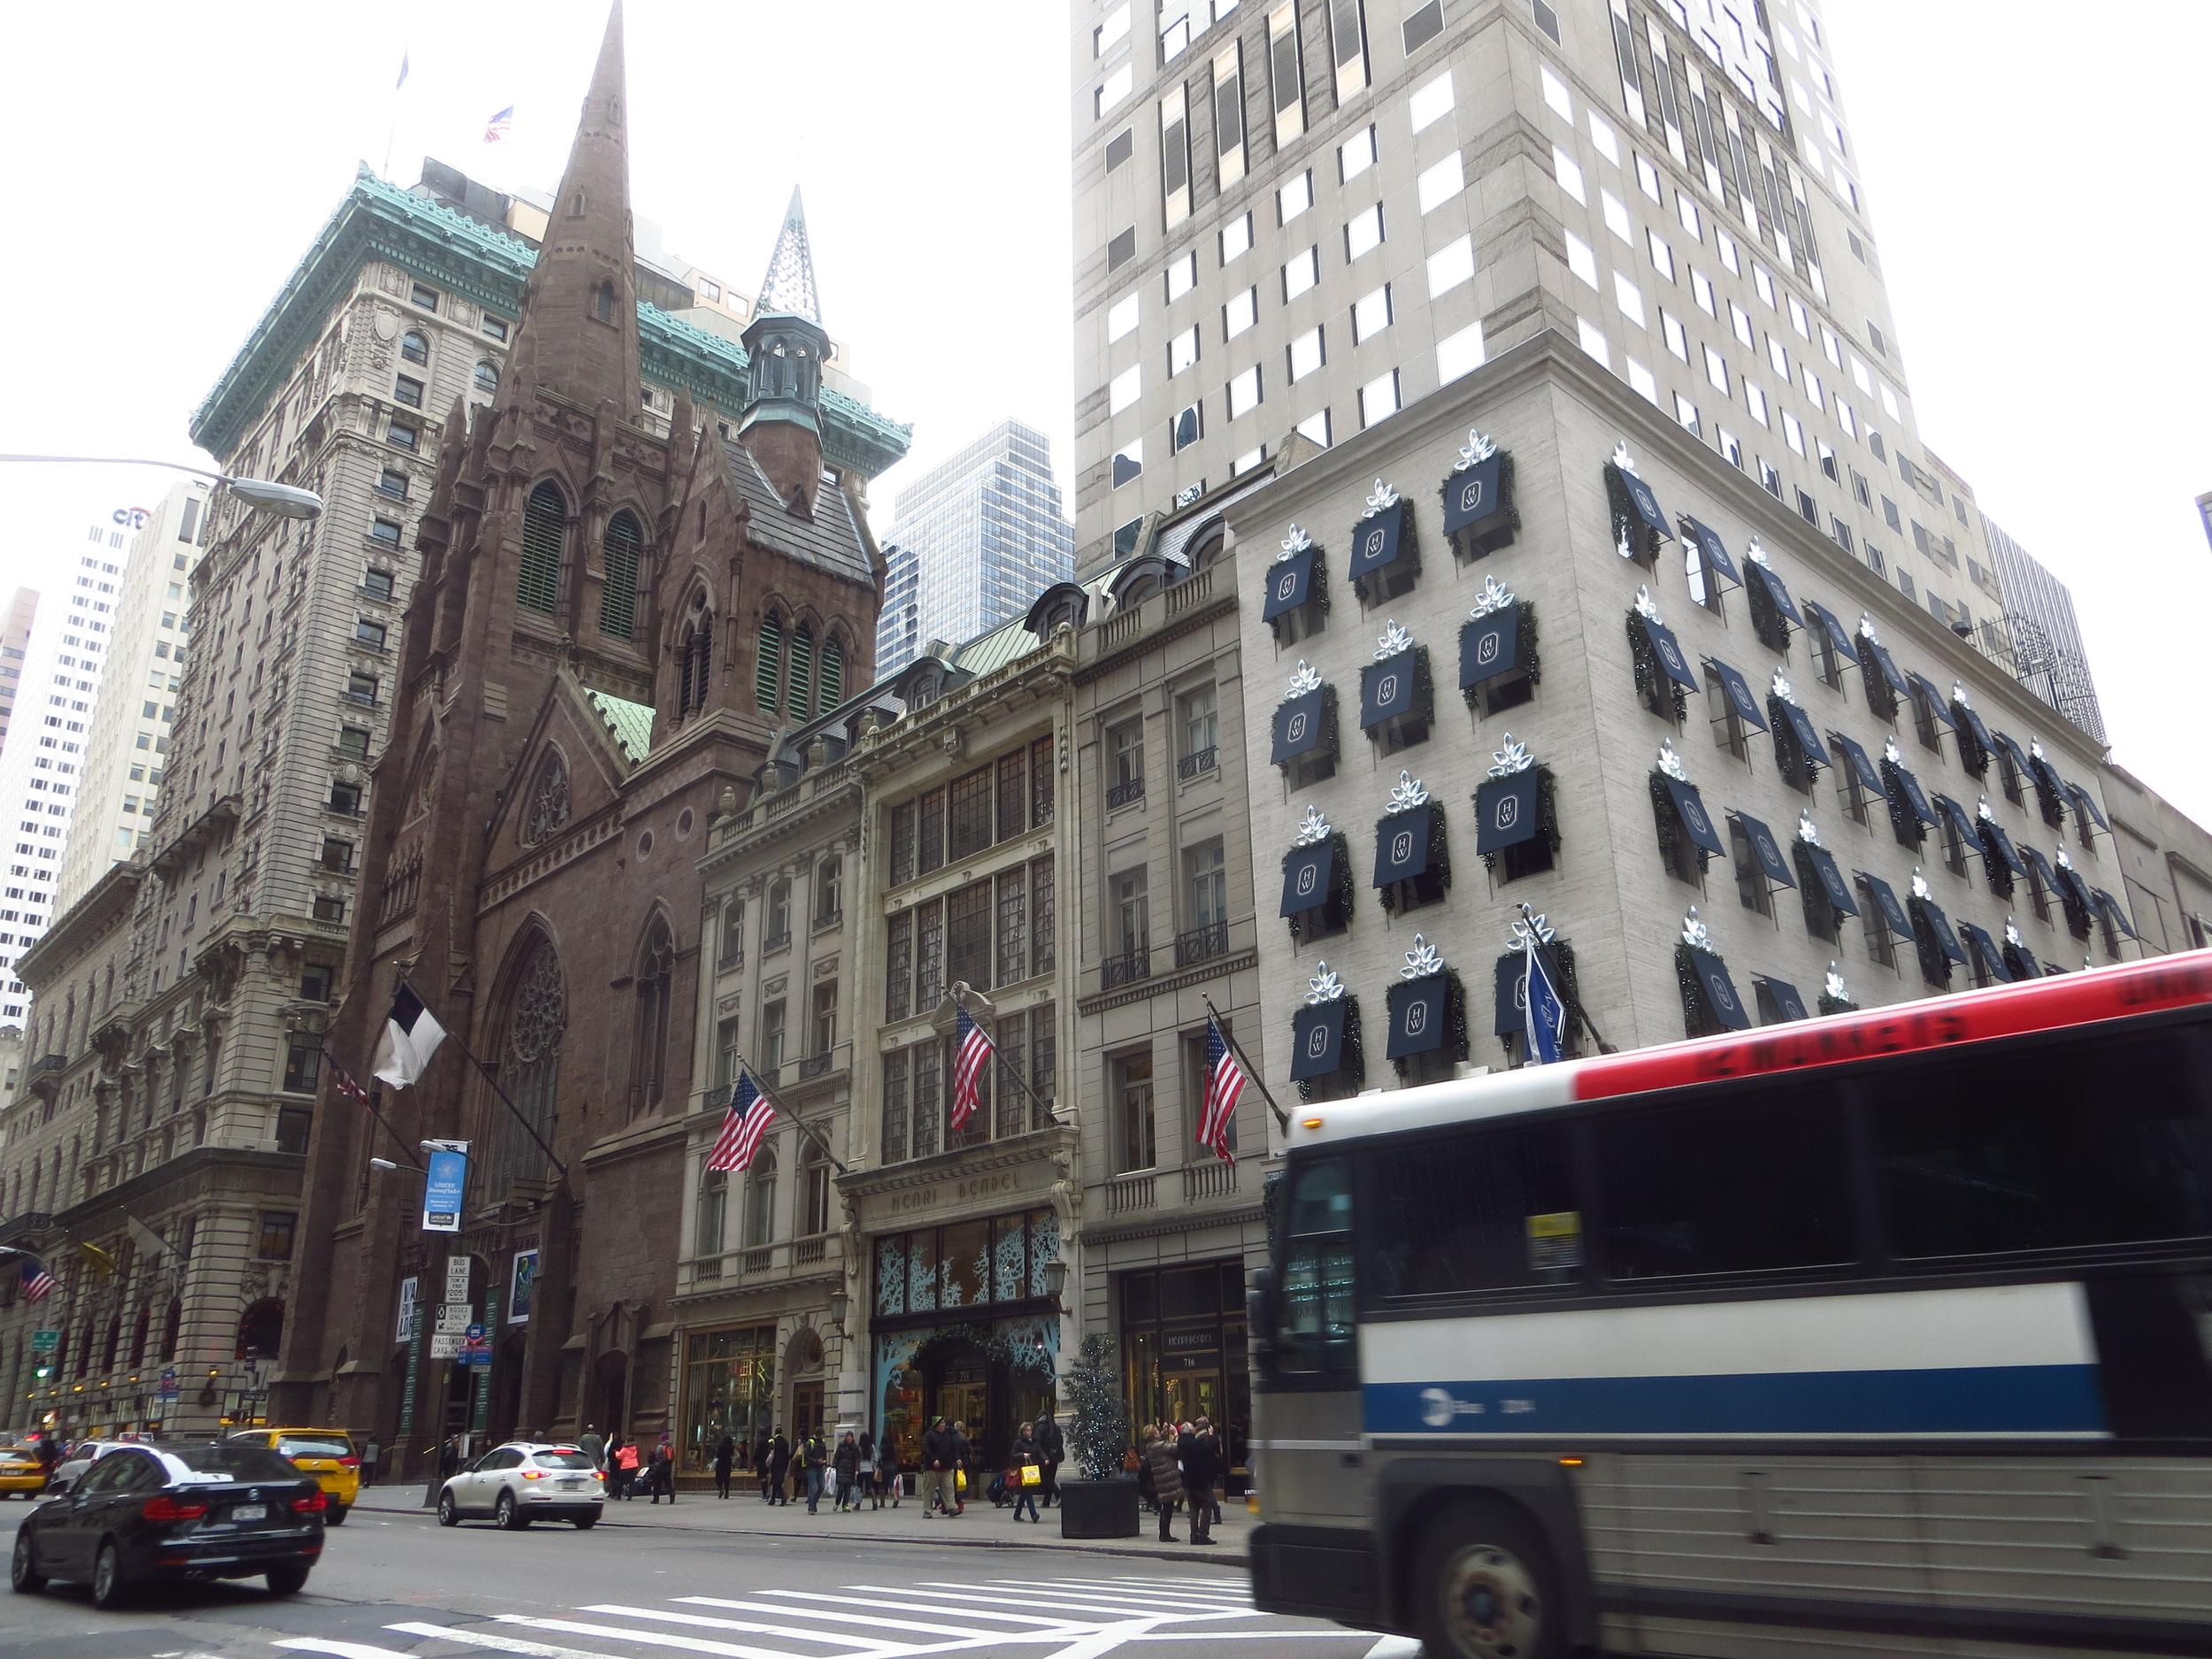 5th Avenue block